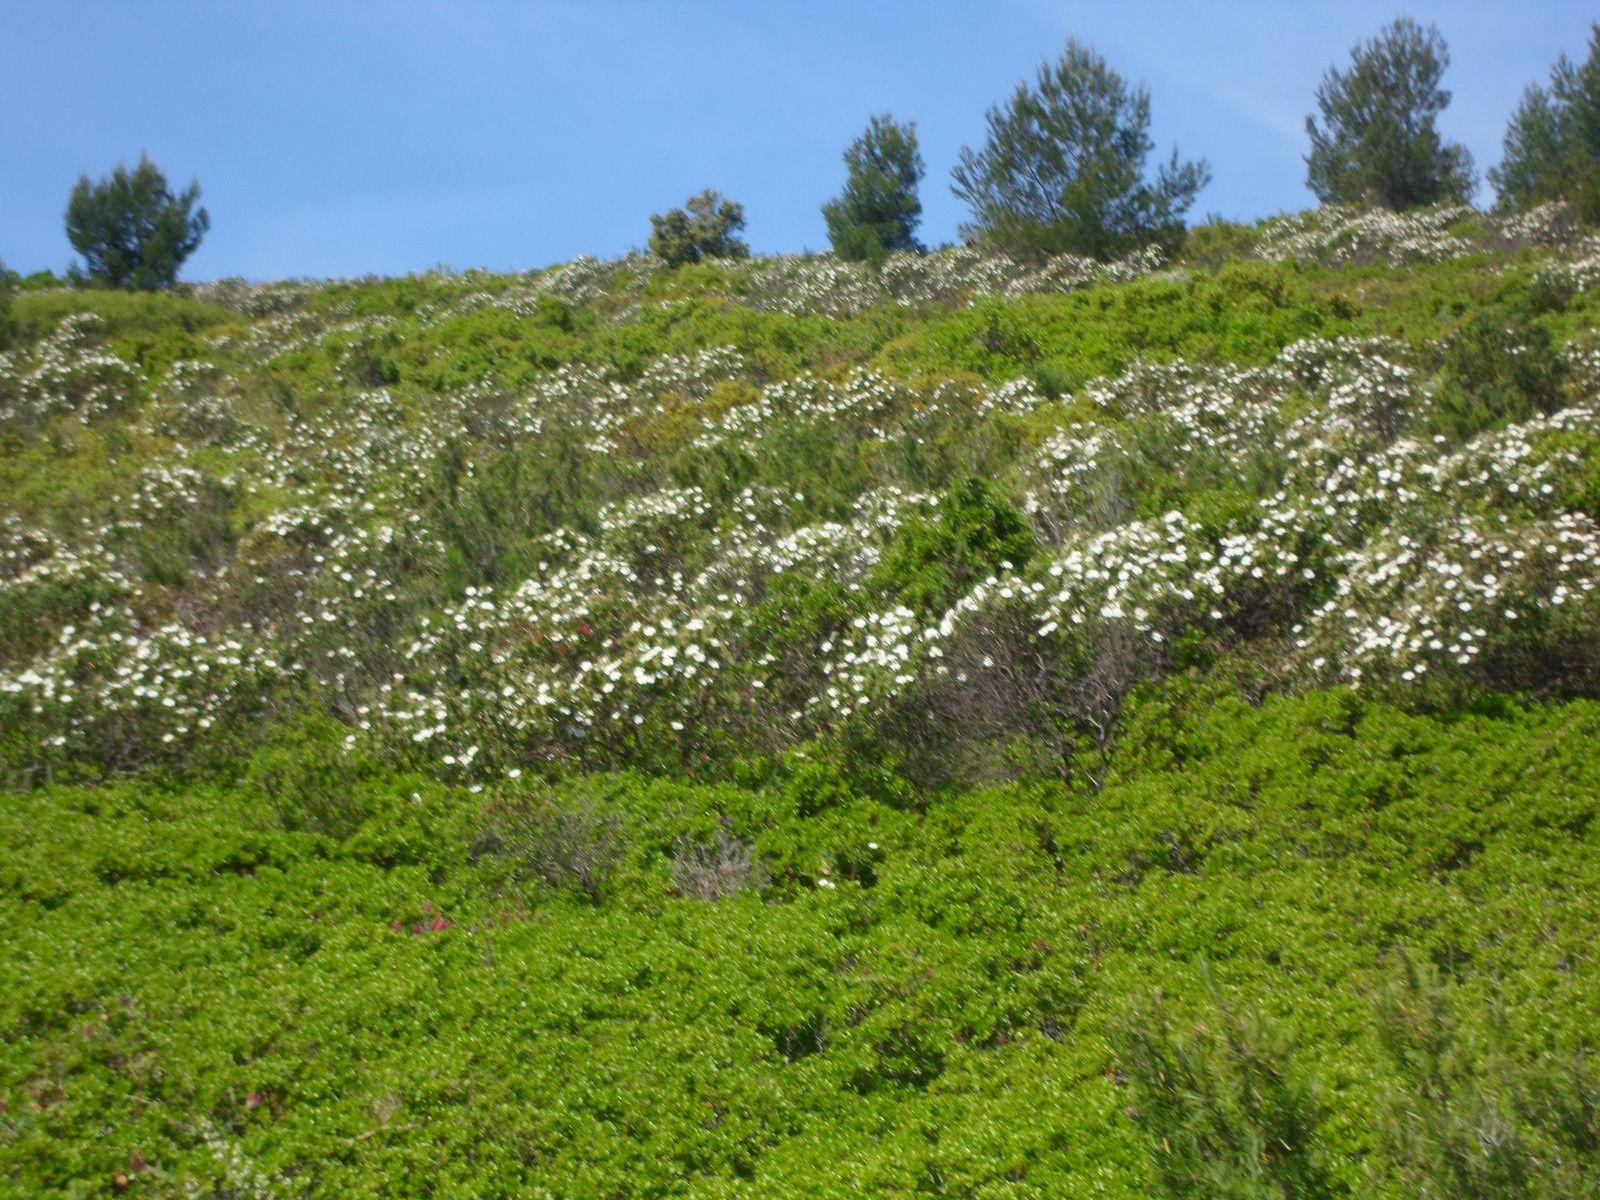 Vision des collines totalement vertes, profitons-en, ça va pas durer !!!